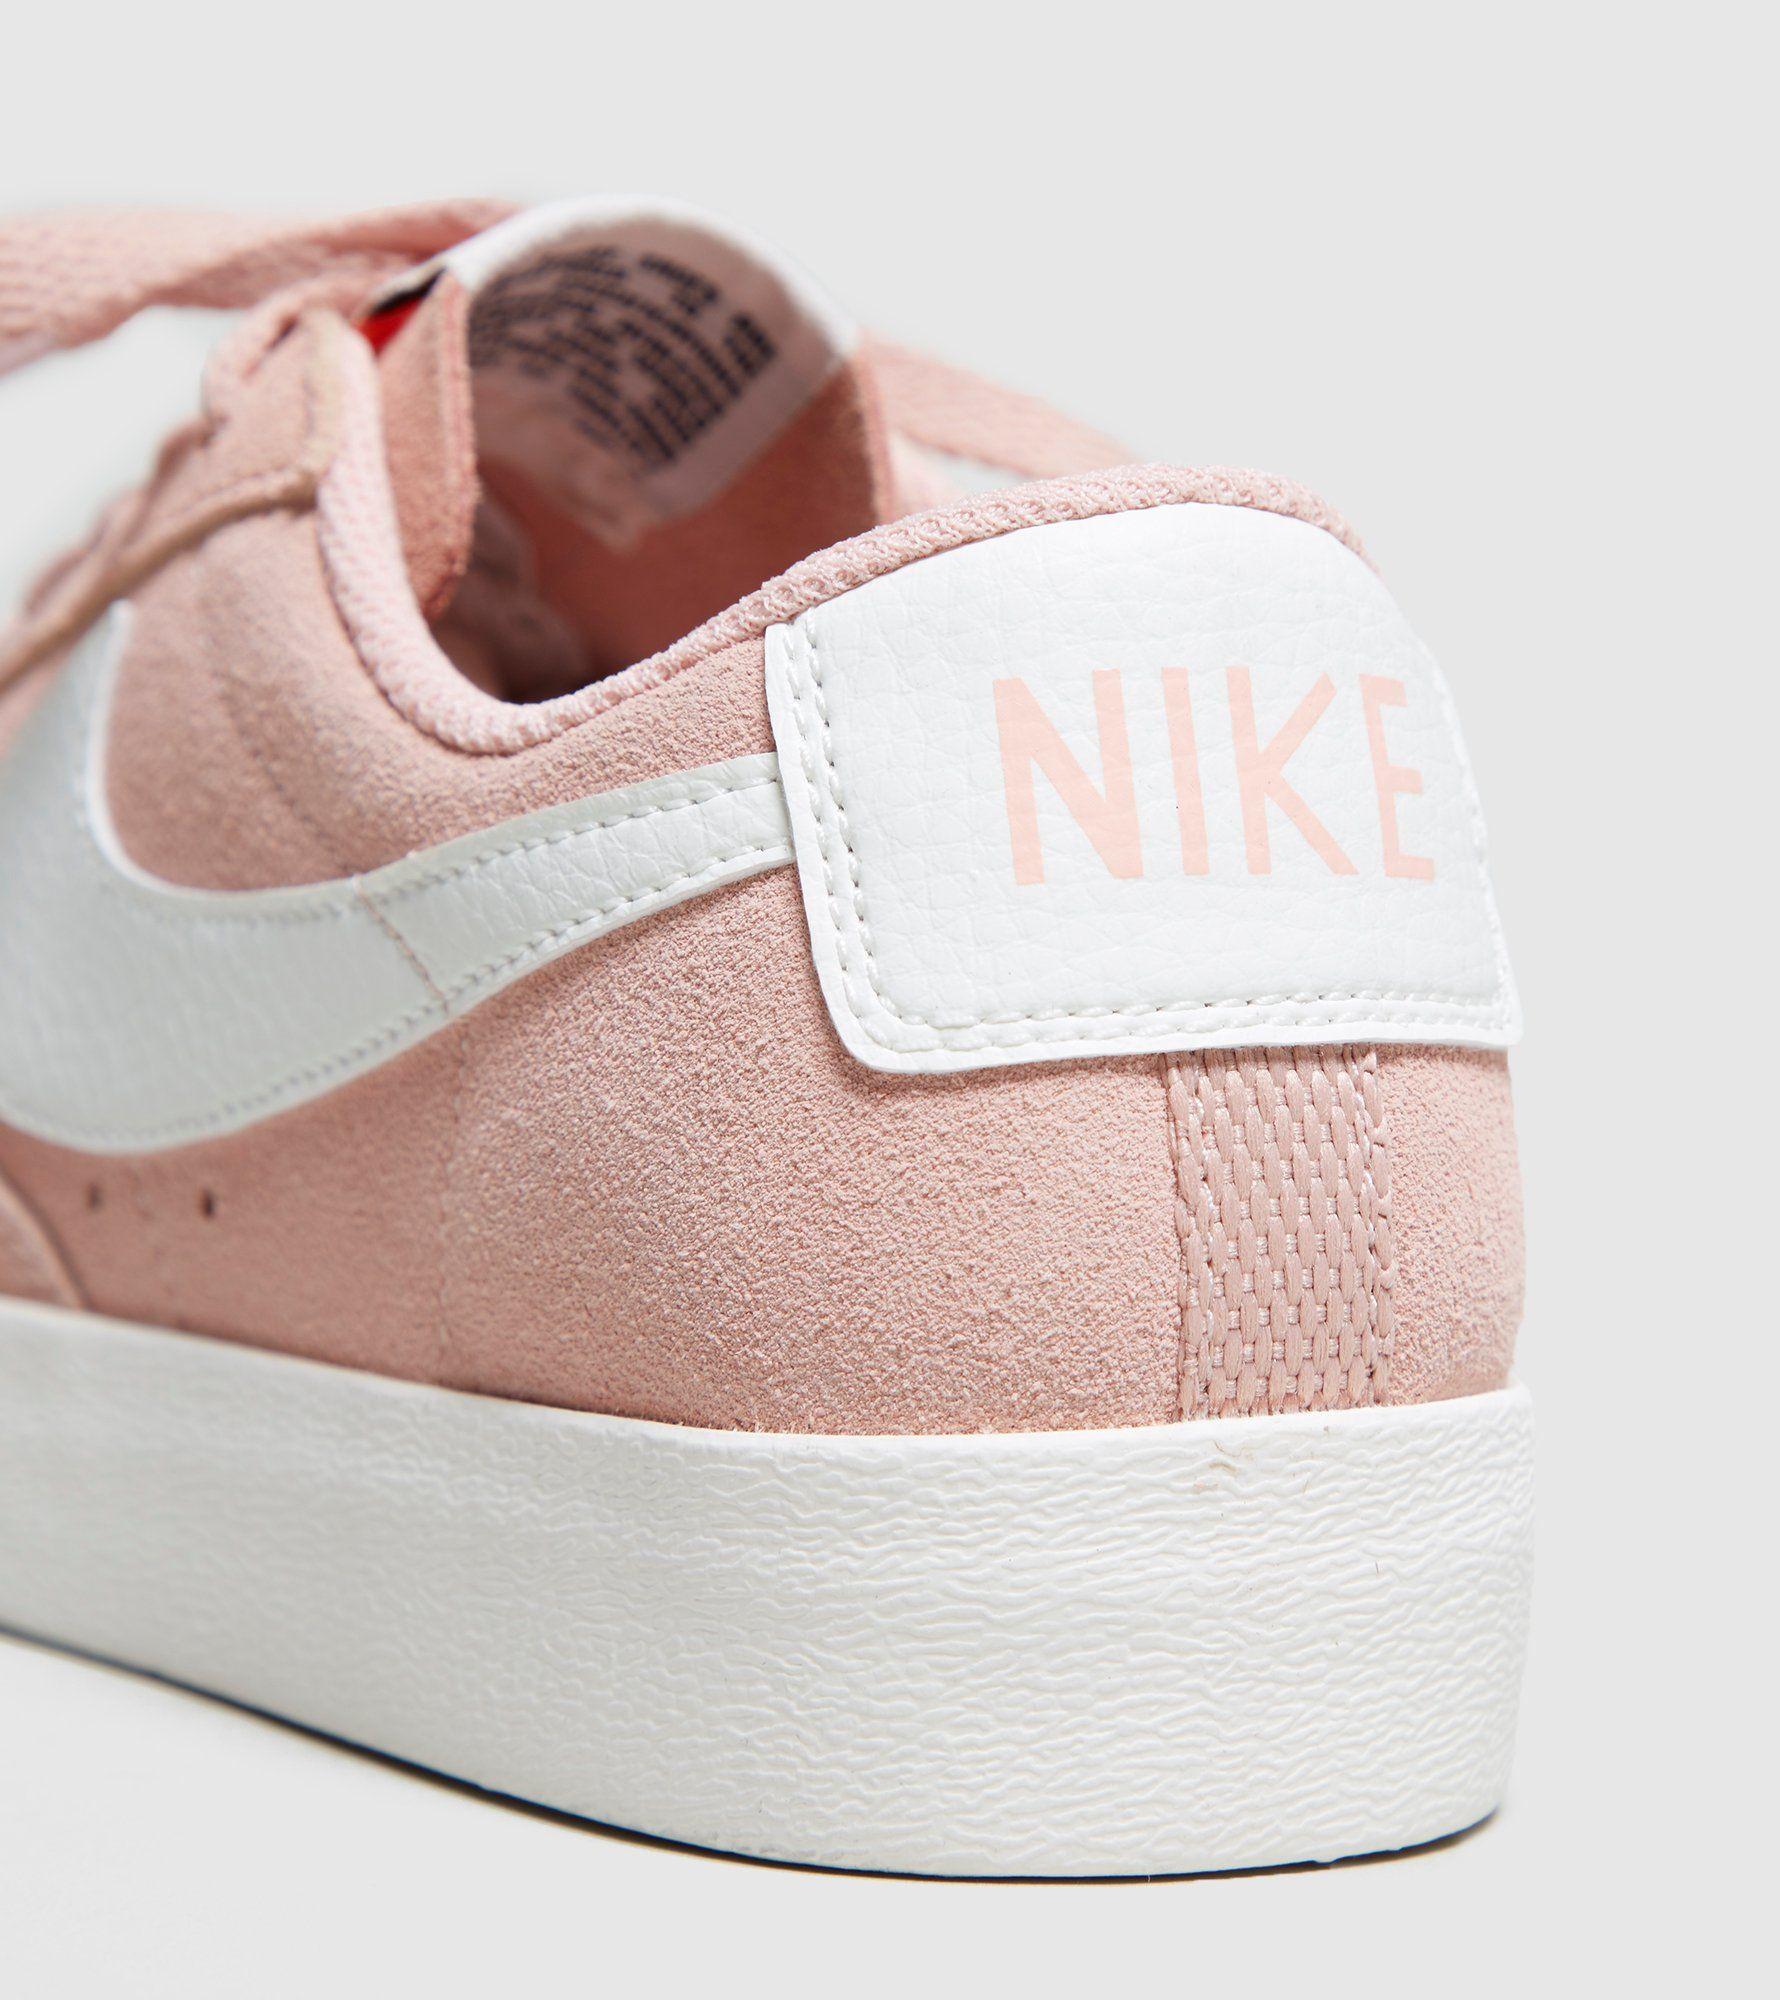 Nike Blazer Women's